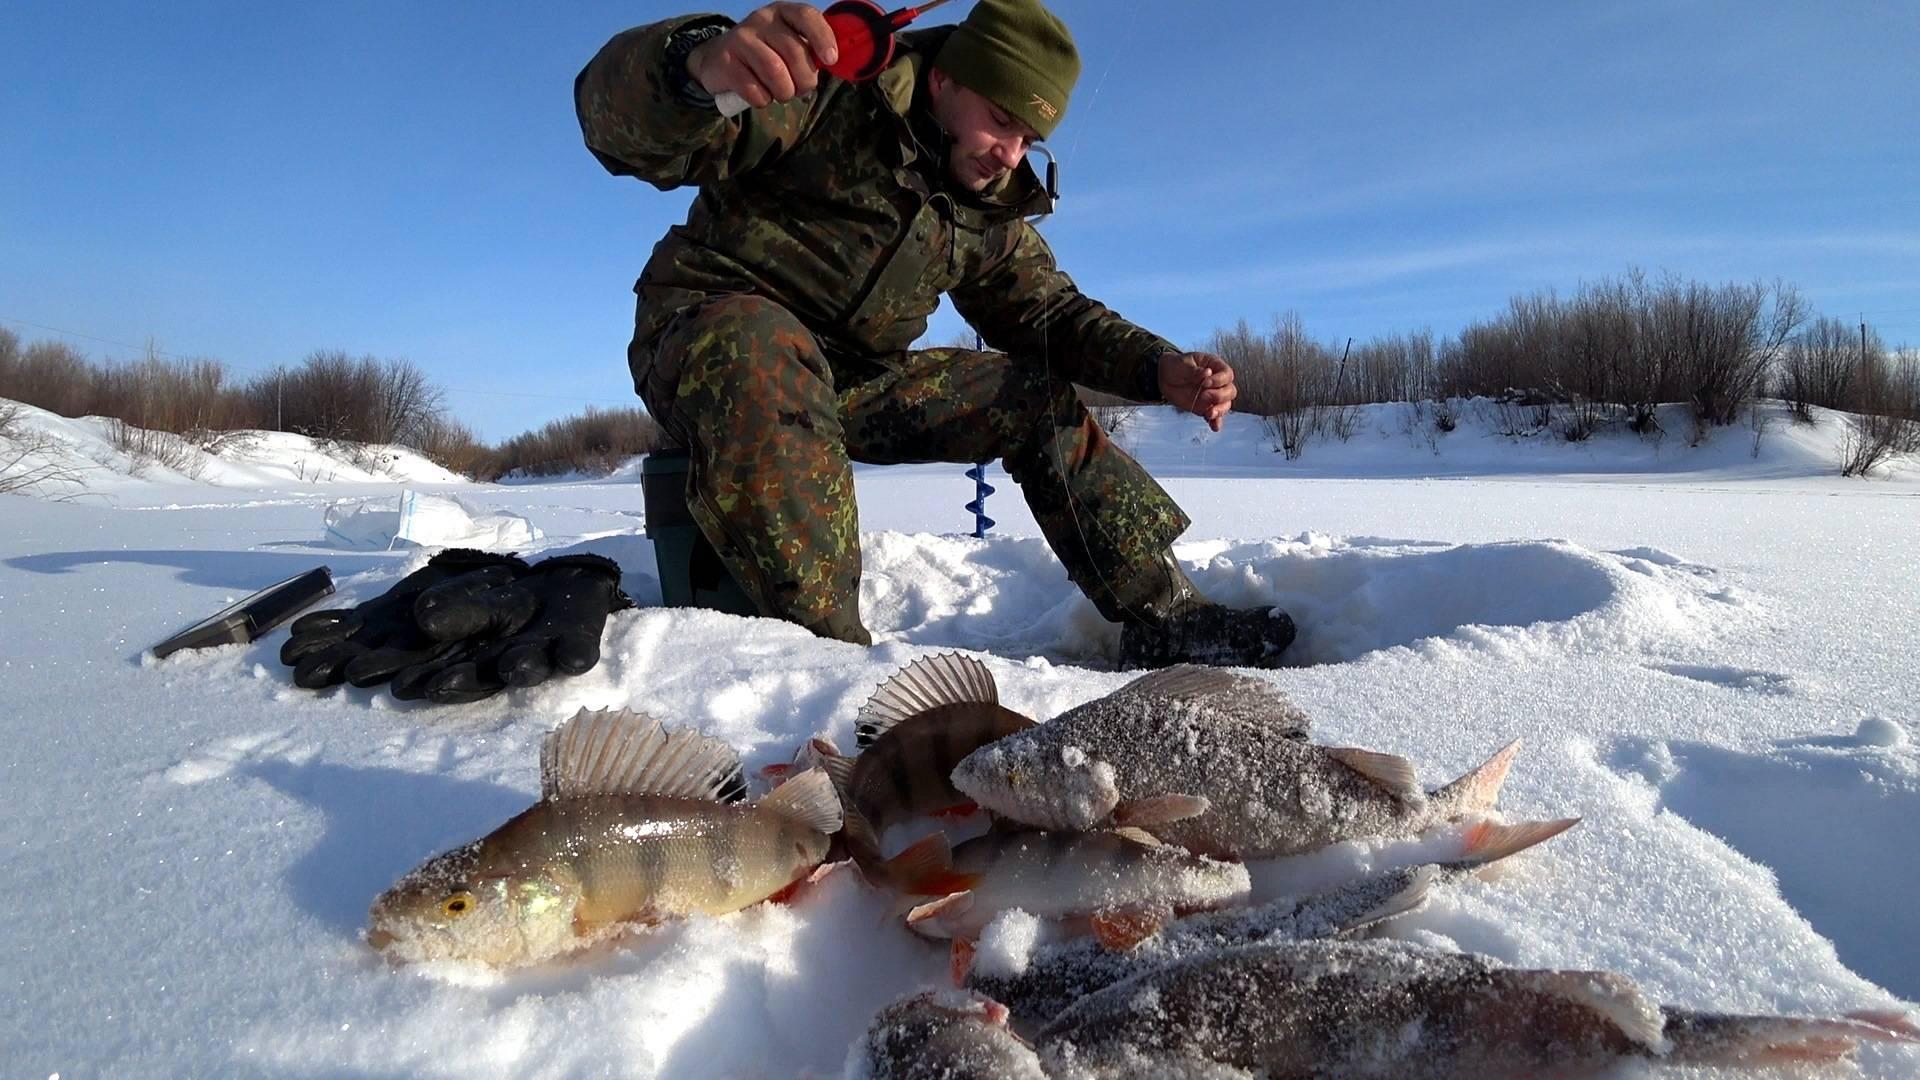 Рыбалка в татарстане зимой и в другие времена года, видео ловли